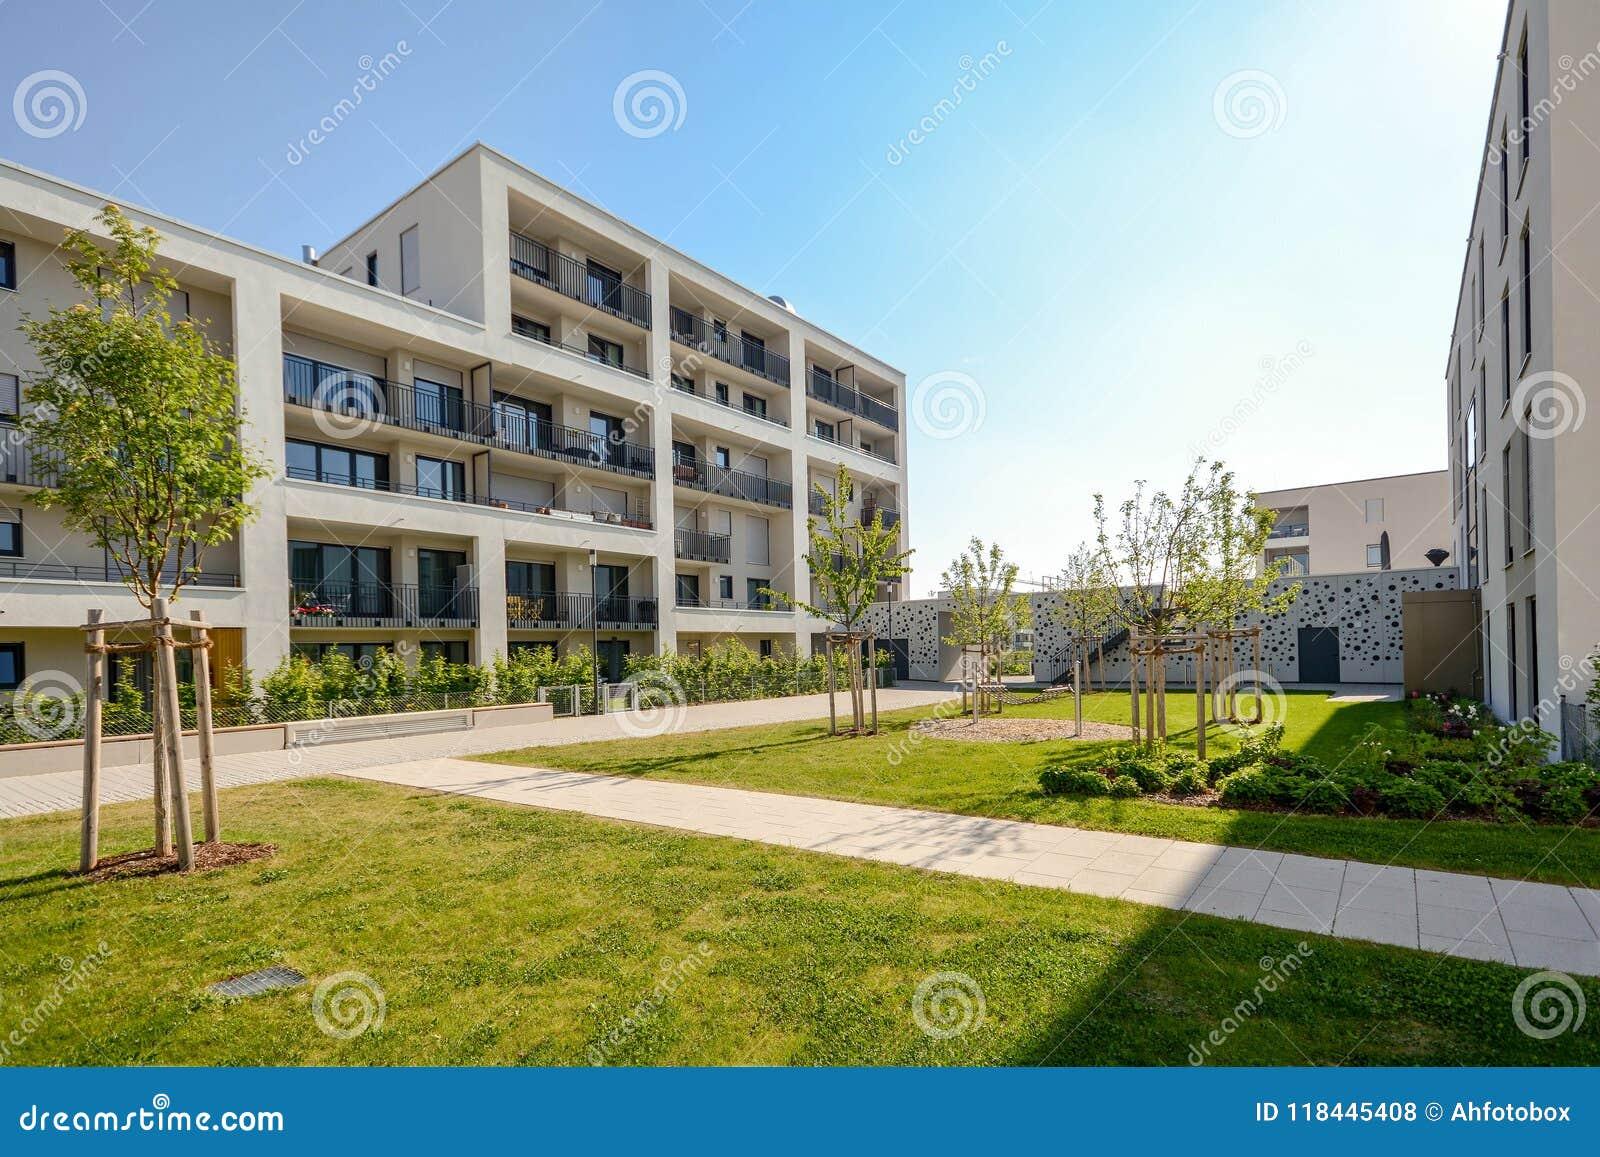 Современные жилые дома с внешними объектами, фасадом нового низкоэнергического дома